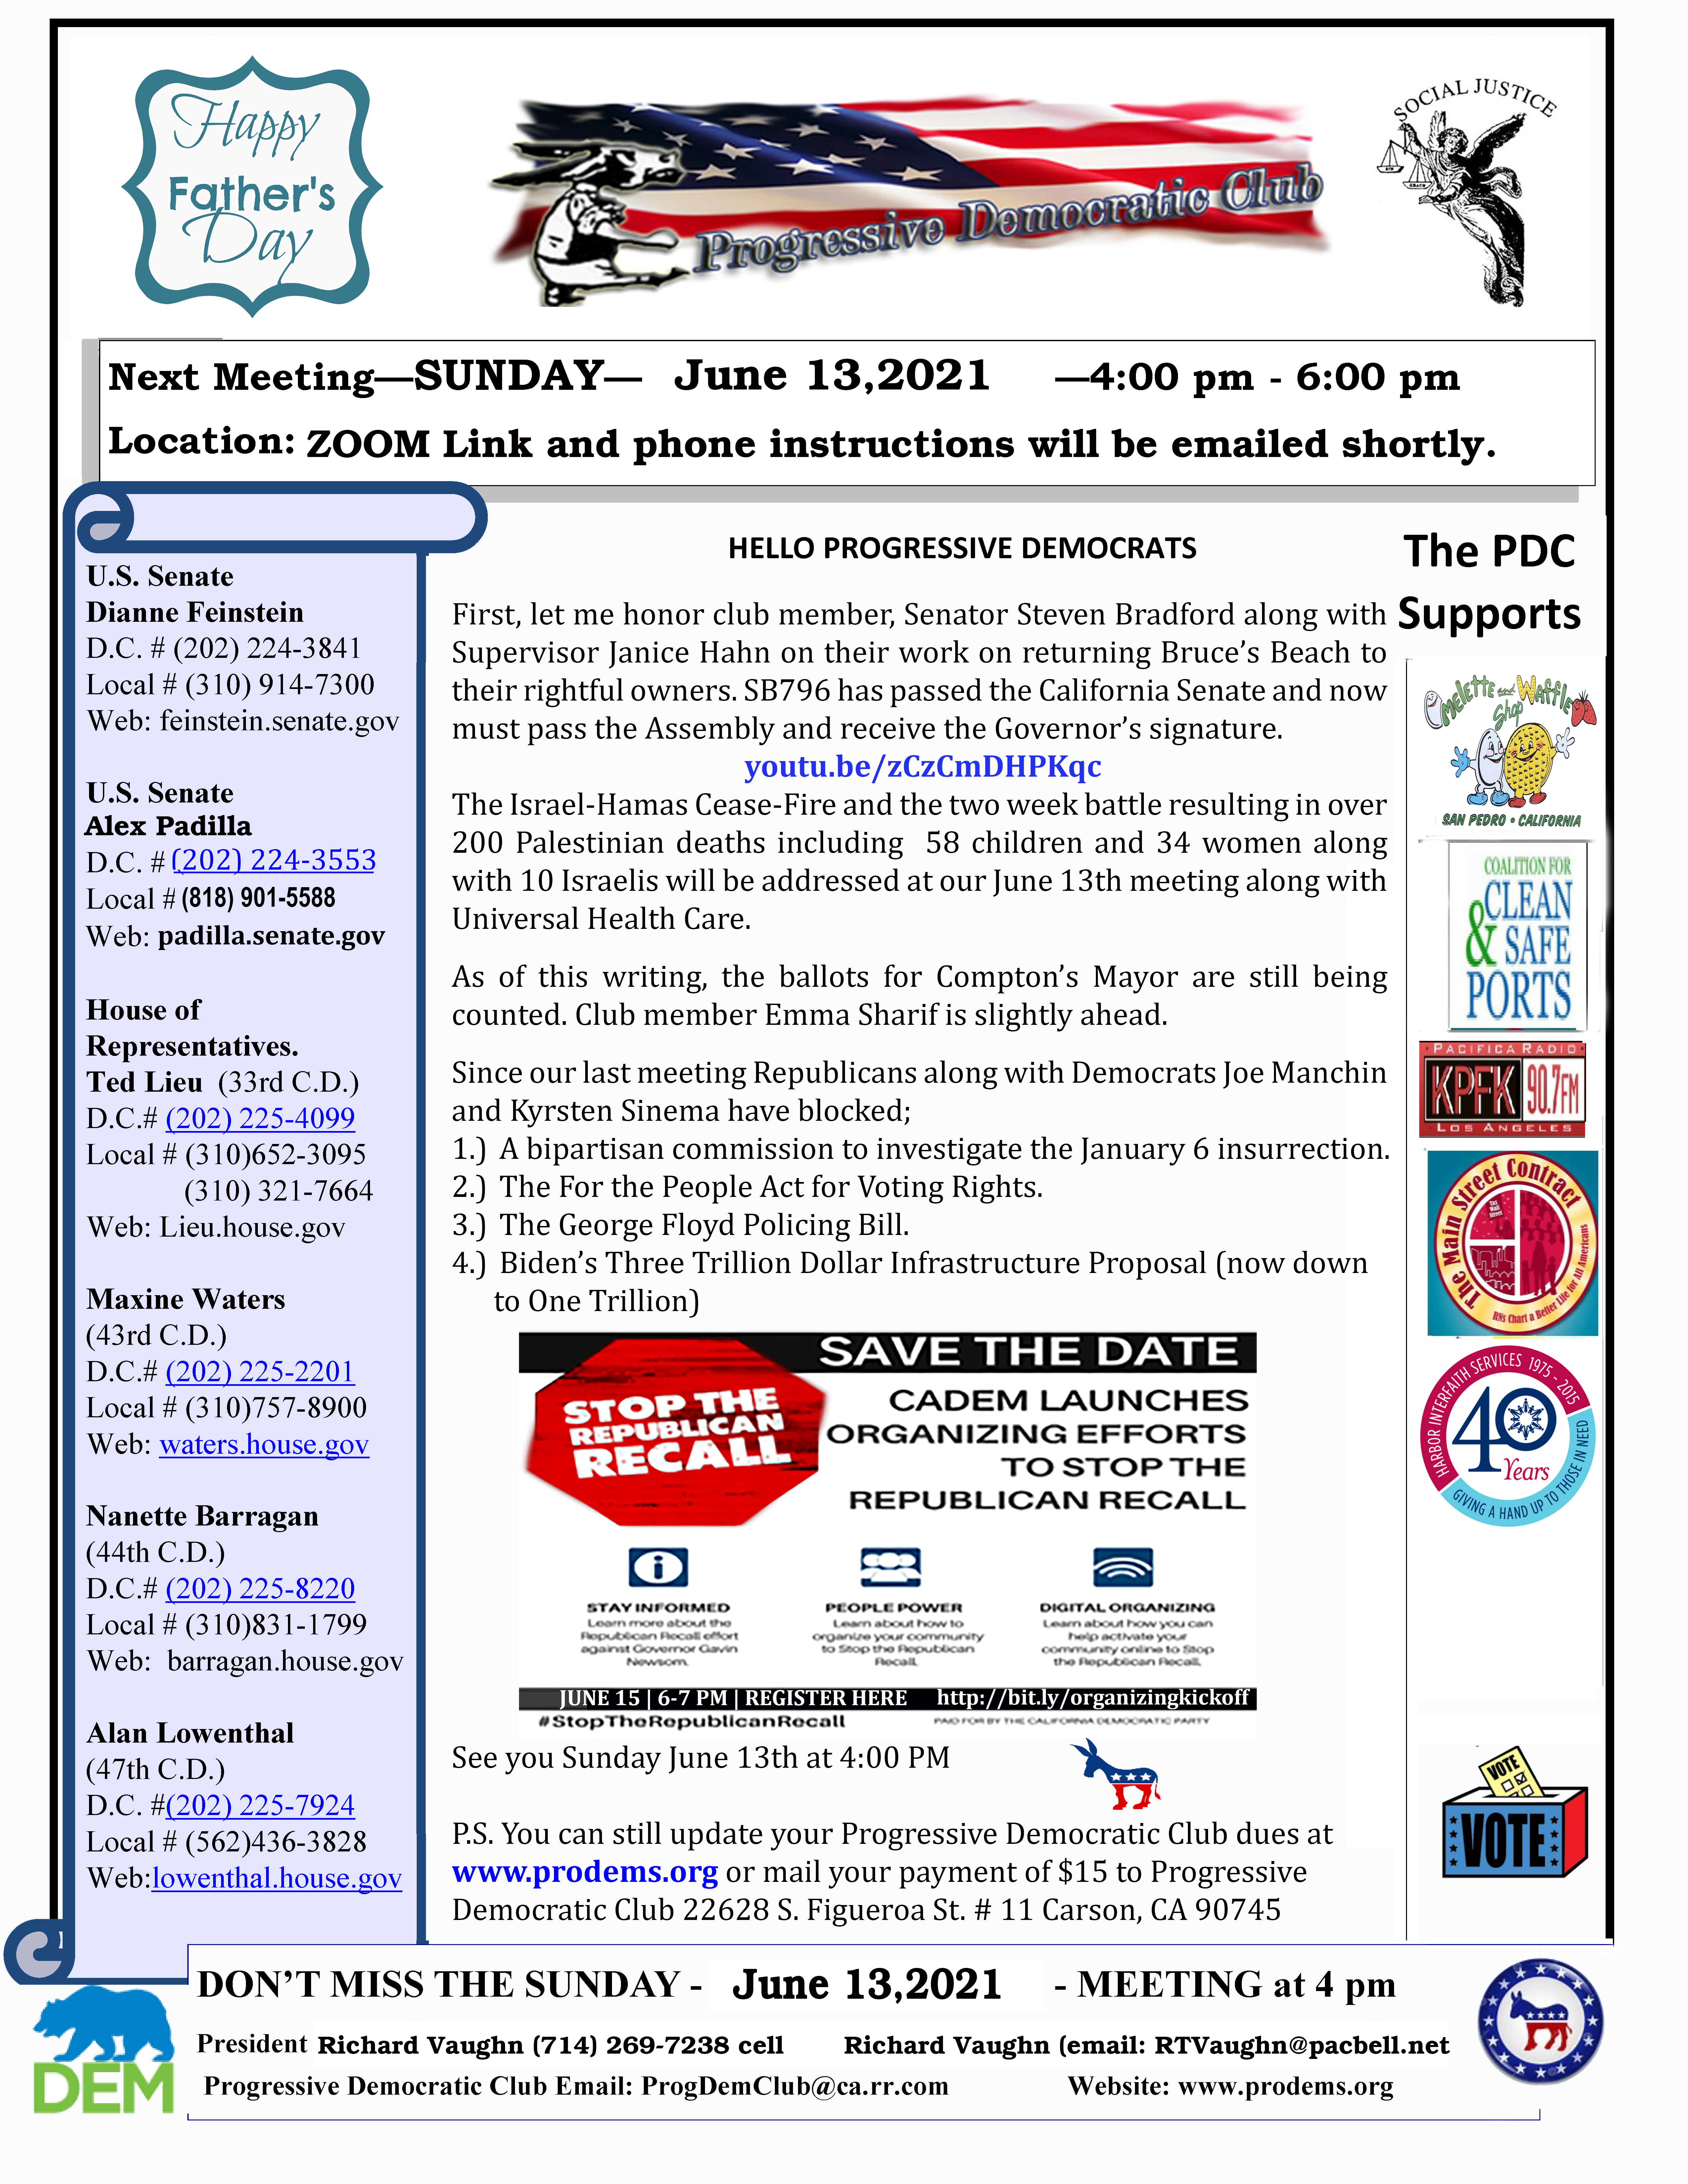 Meeting_Notice_June_13_2021.jpg